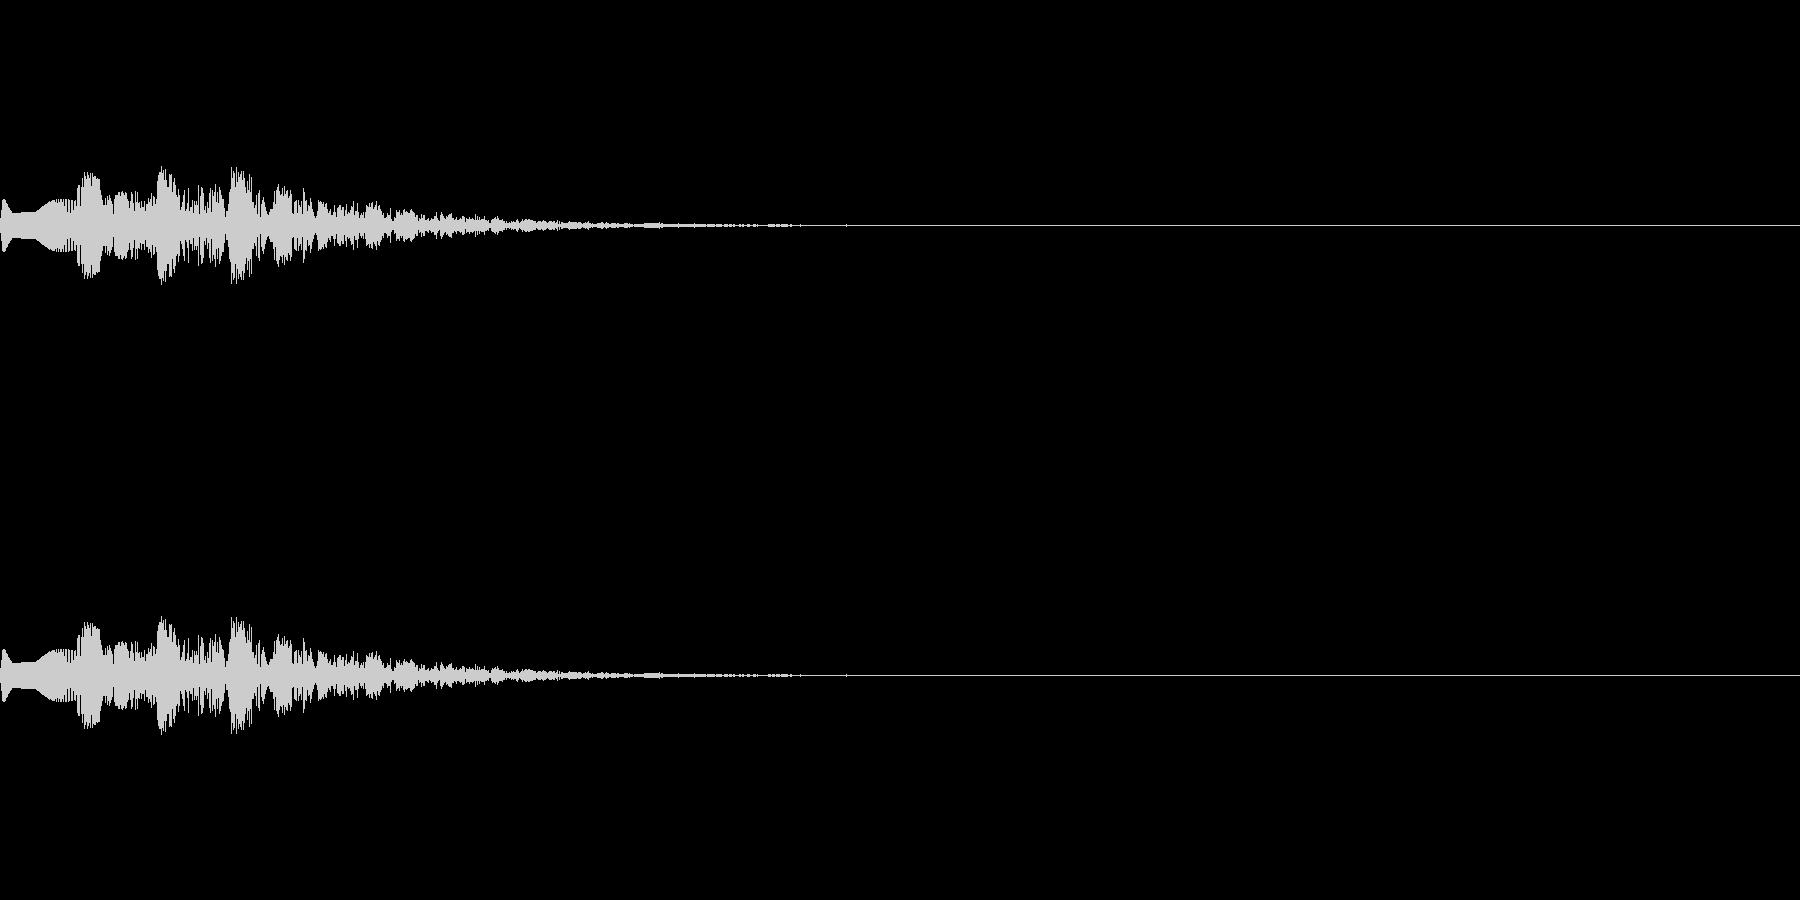 魔法、状態異常などに使える効果音_1の未再生の波形